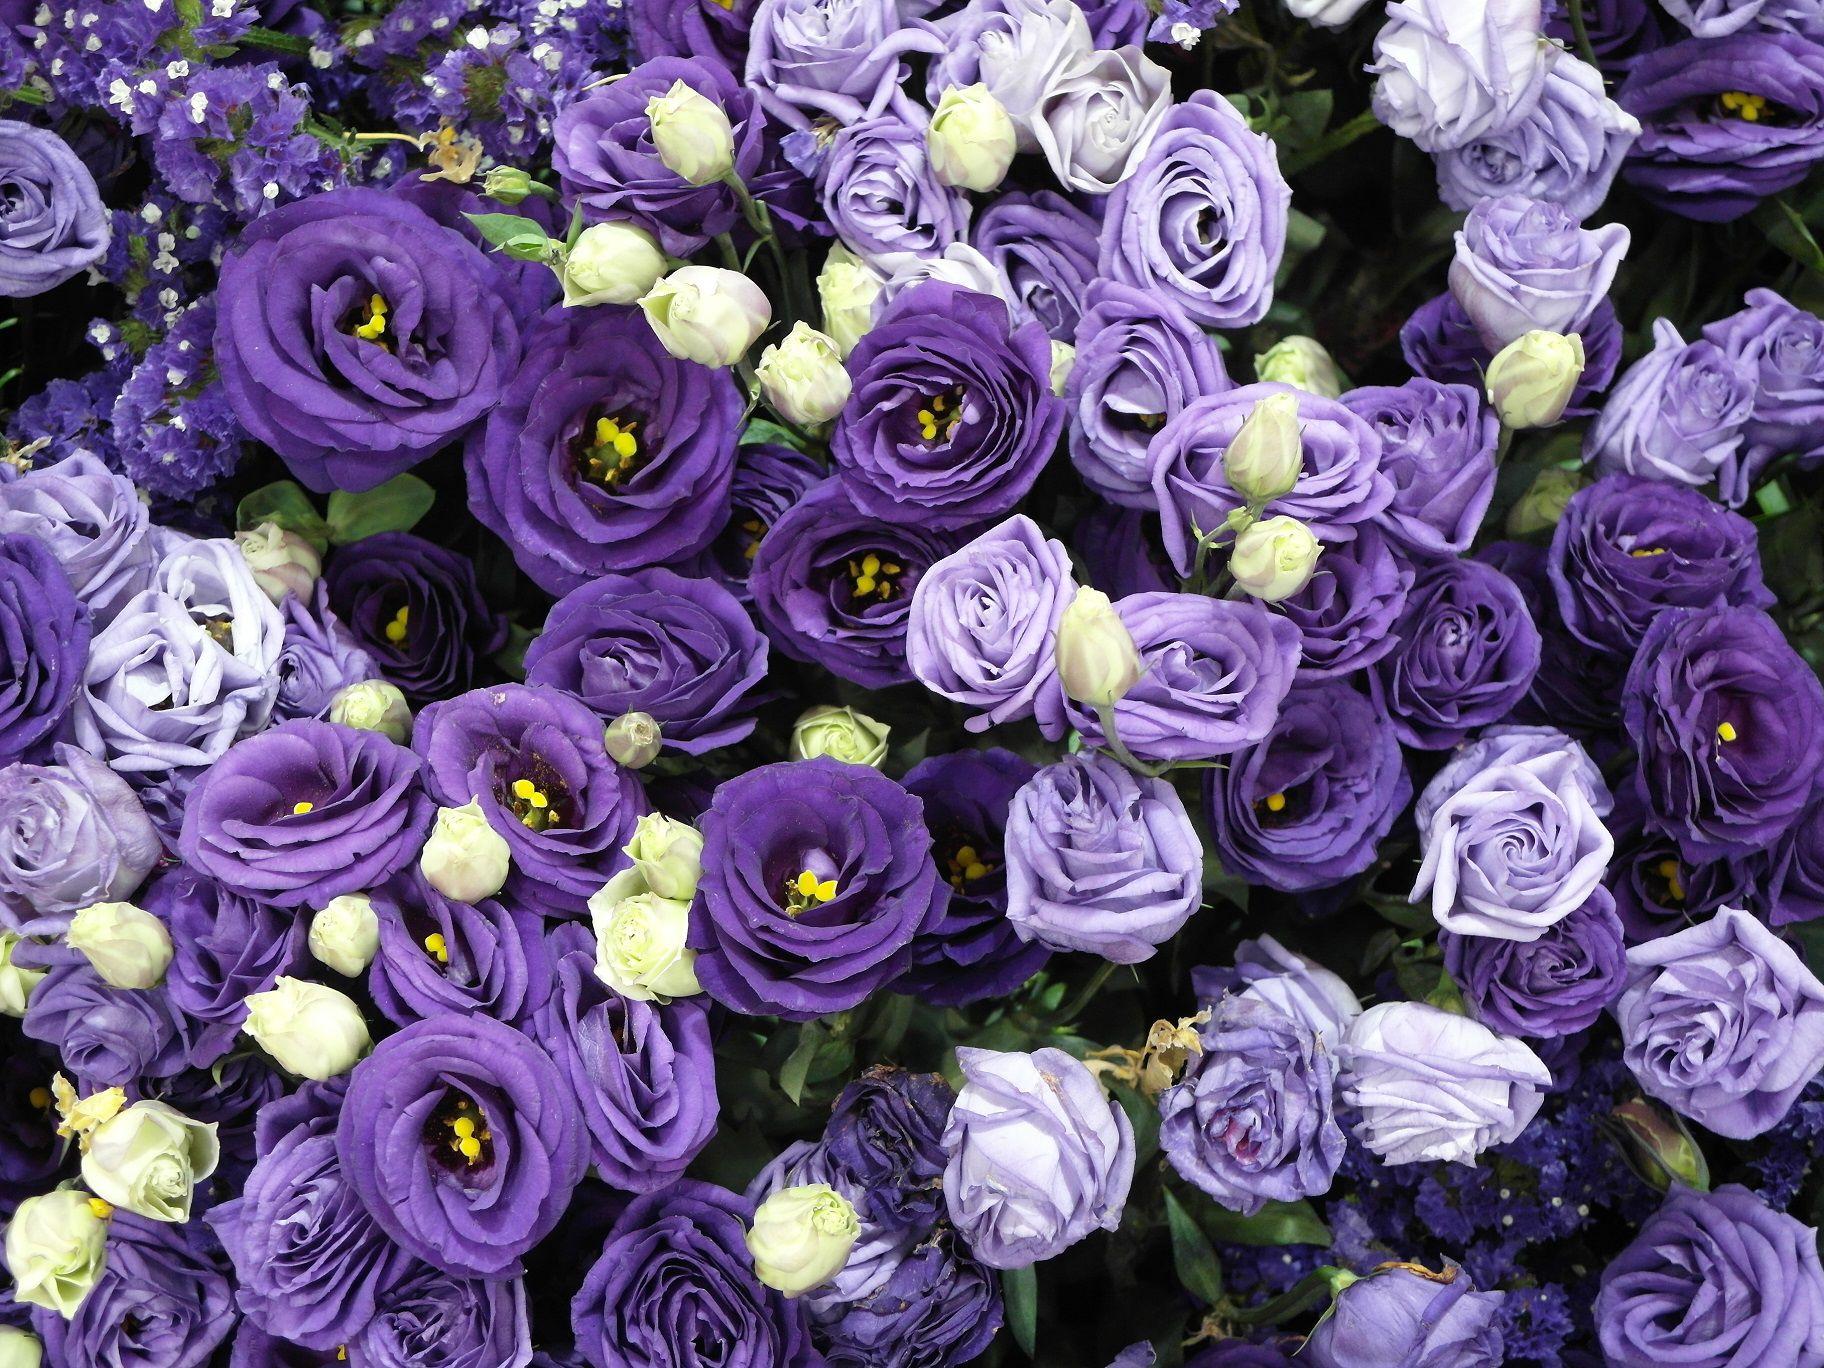 收下几朵玫瑰花代表拒绝收下几朵玫瑰花代表拒绝